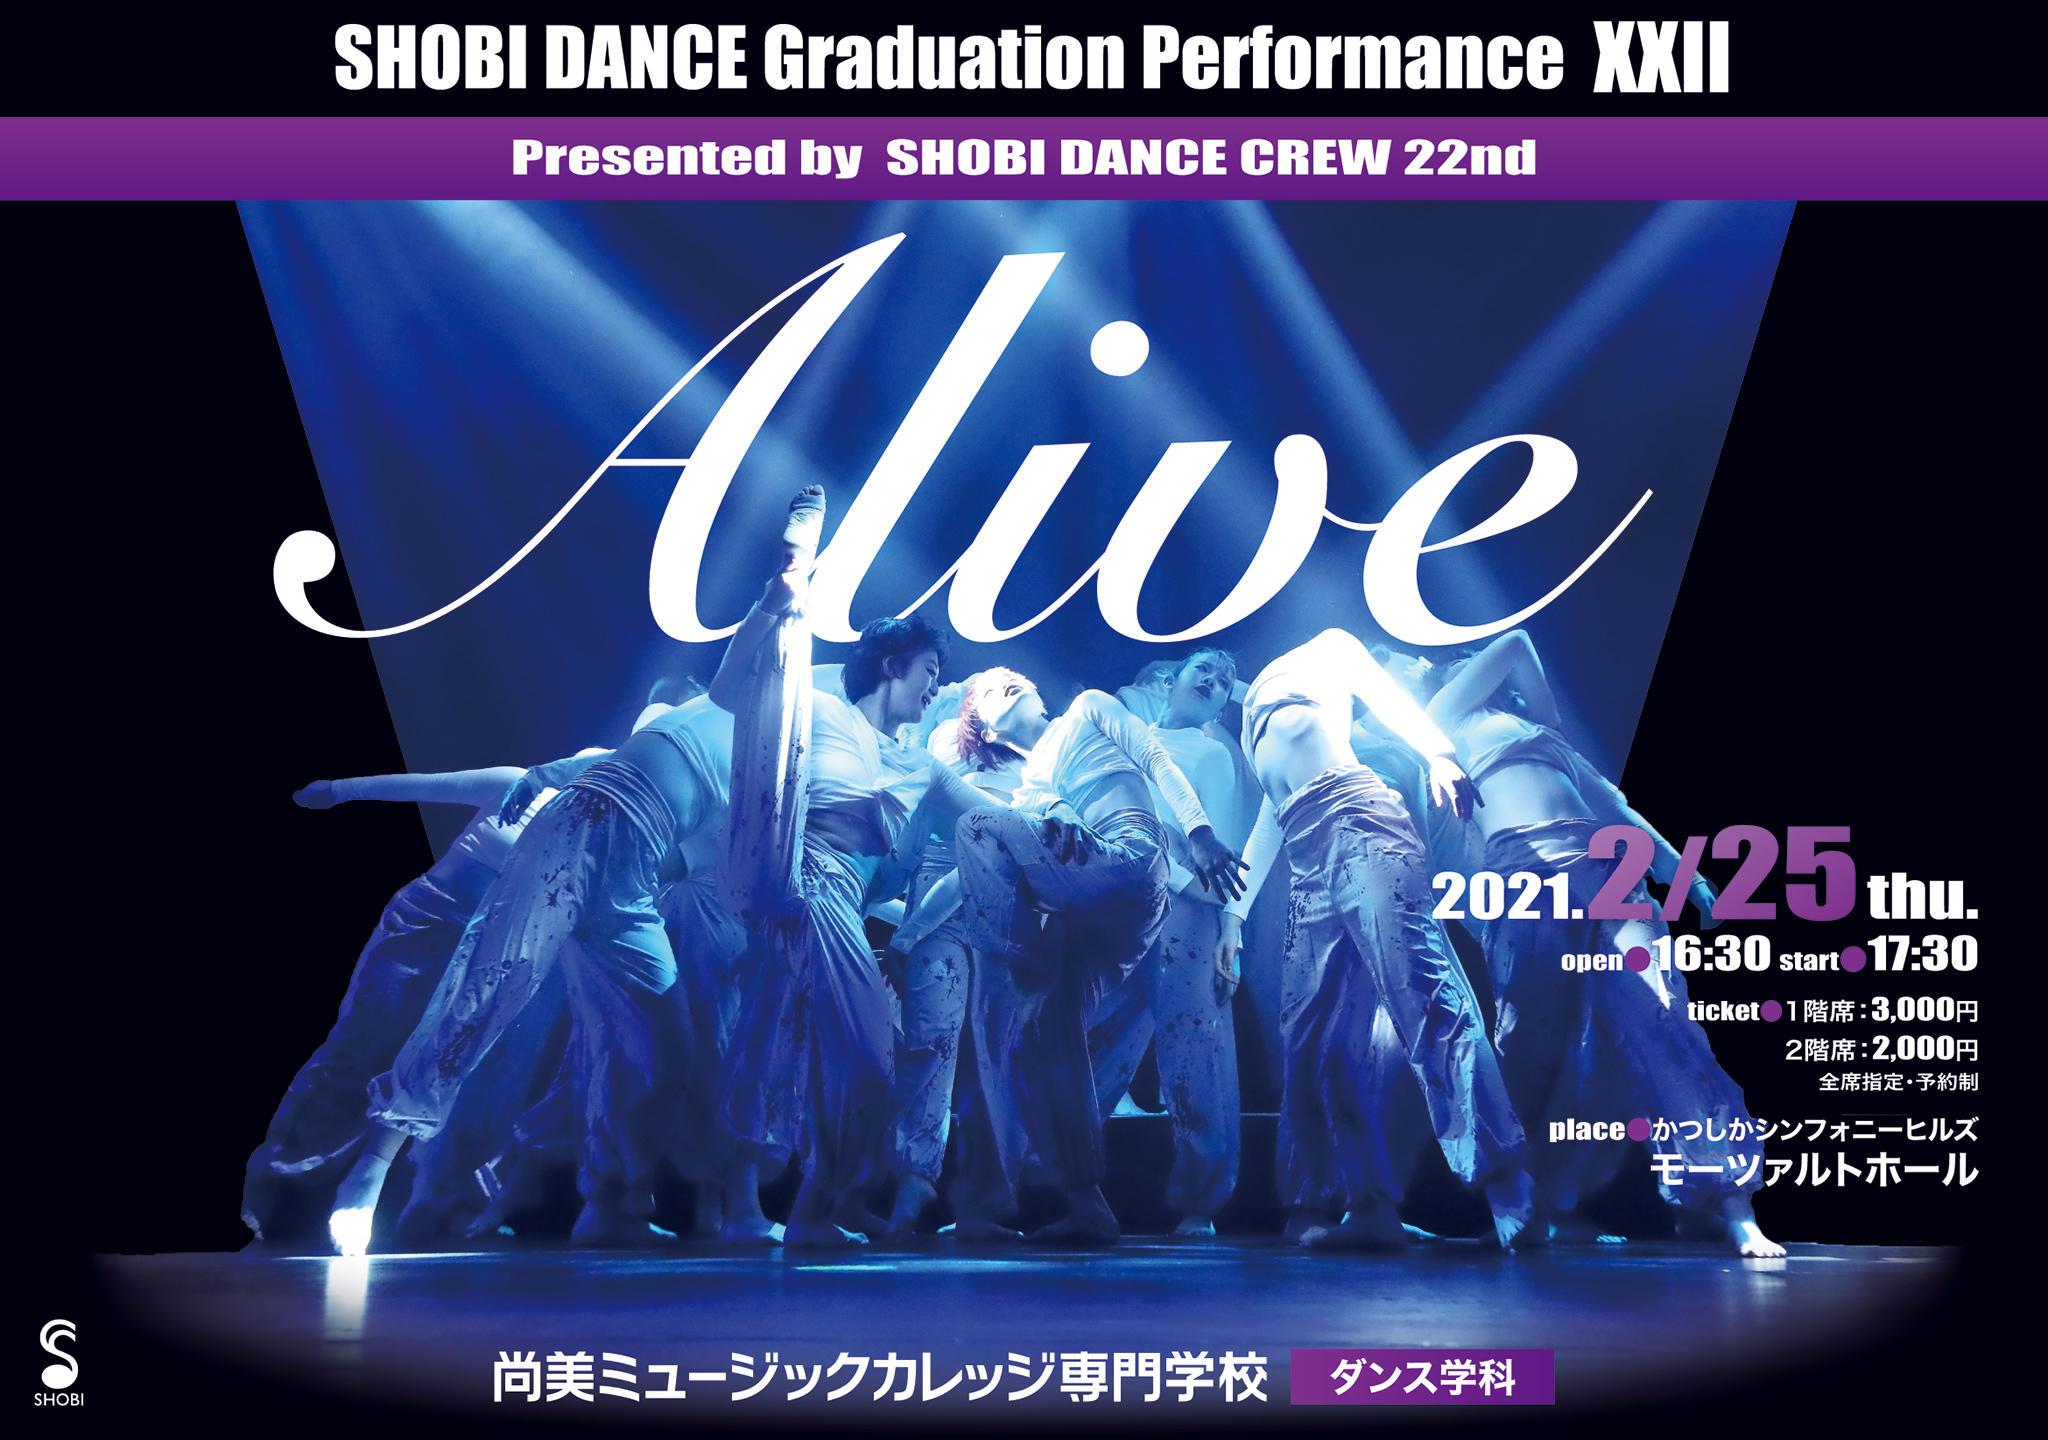 【2月25日開催】2年間の集大成!SHOBI DANCE Graduation Performance XXⅡ「Alive」